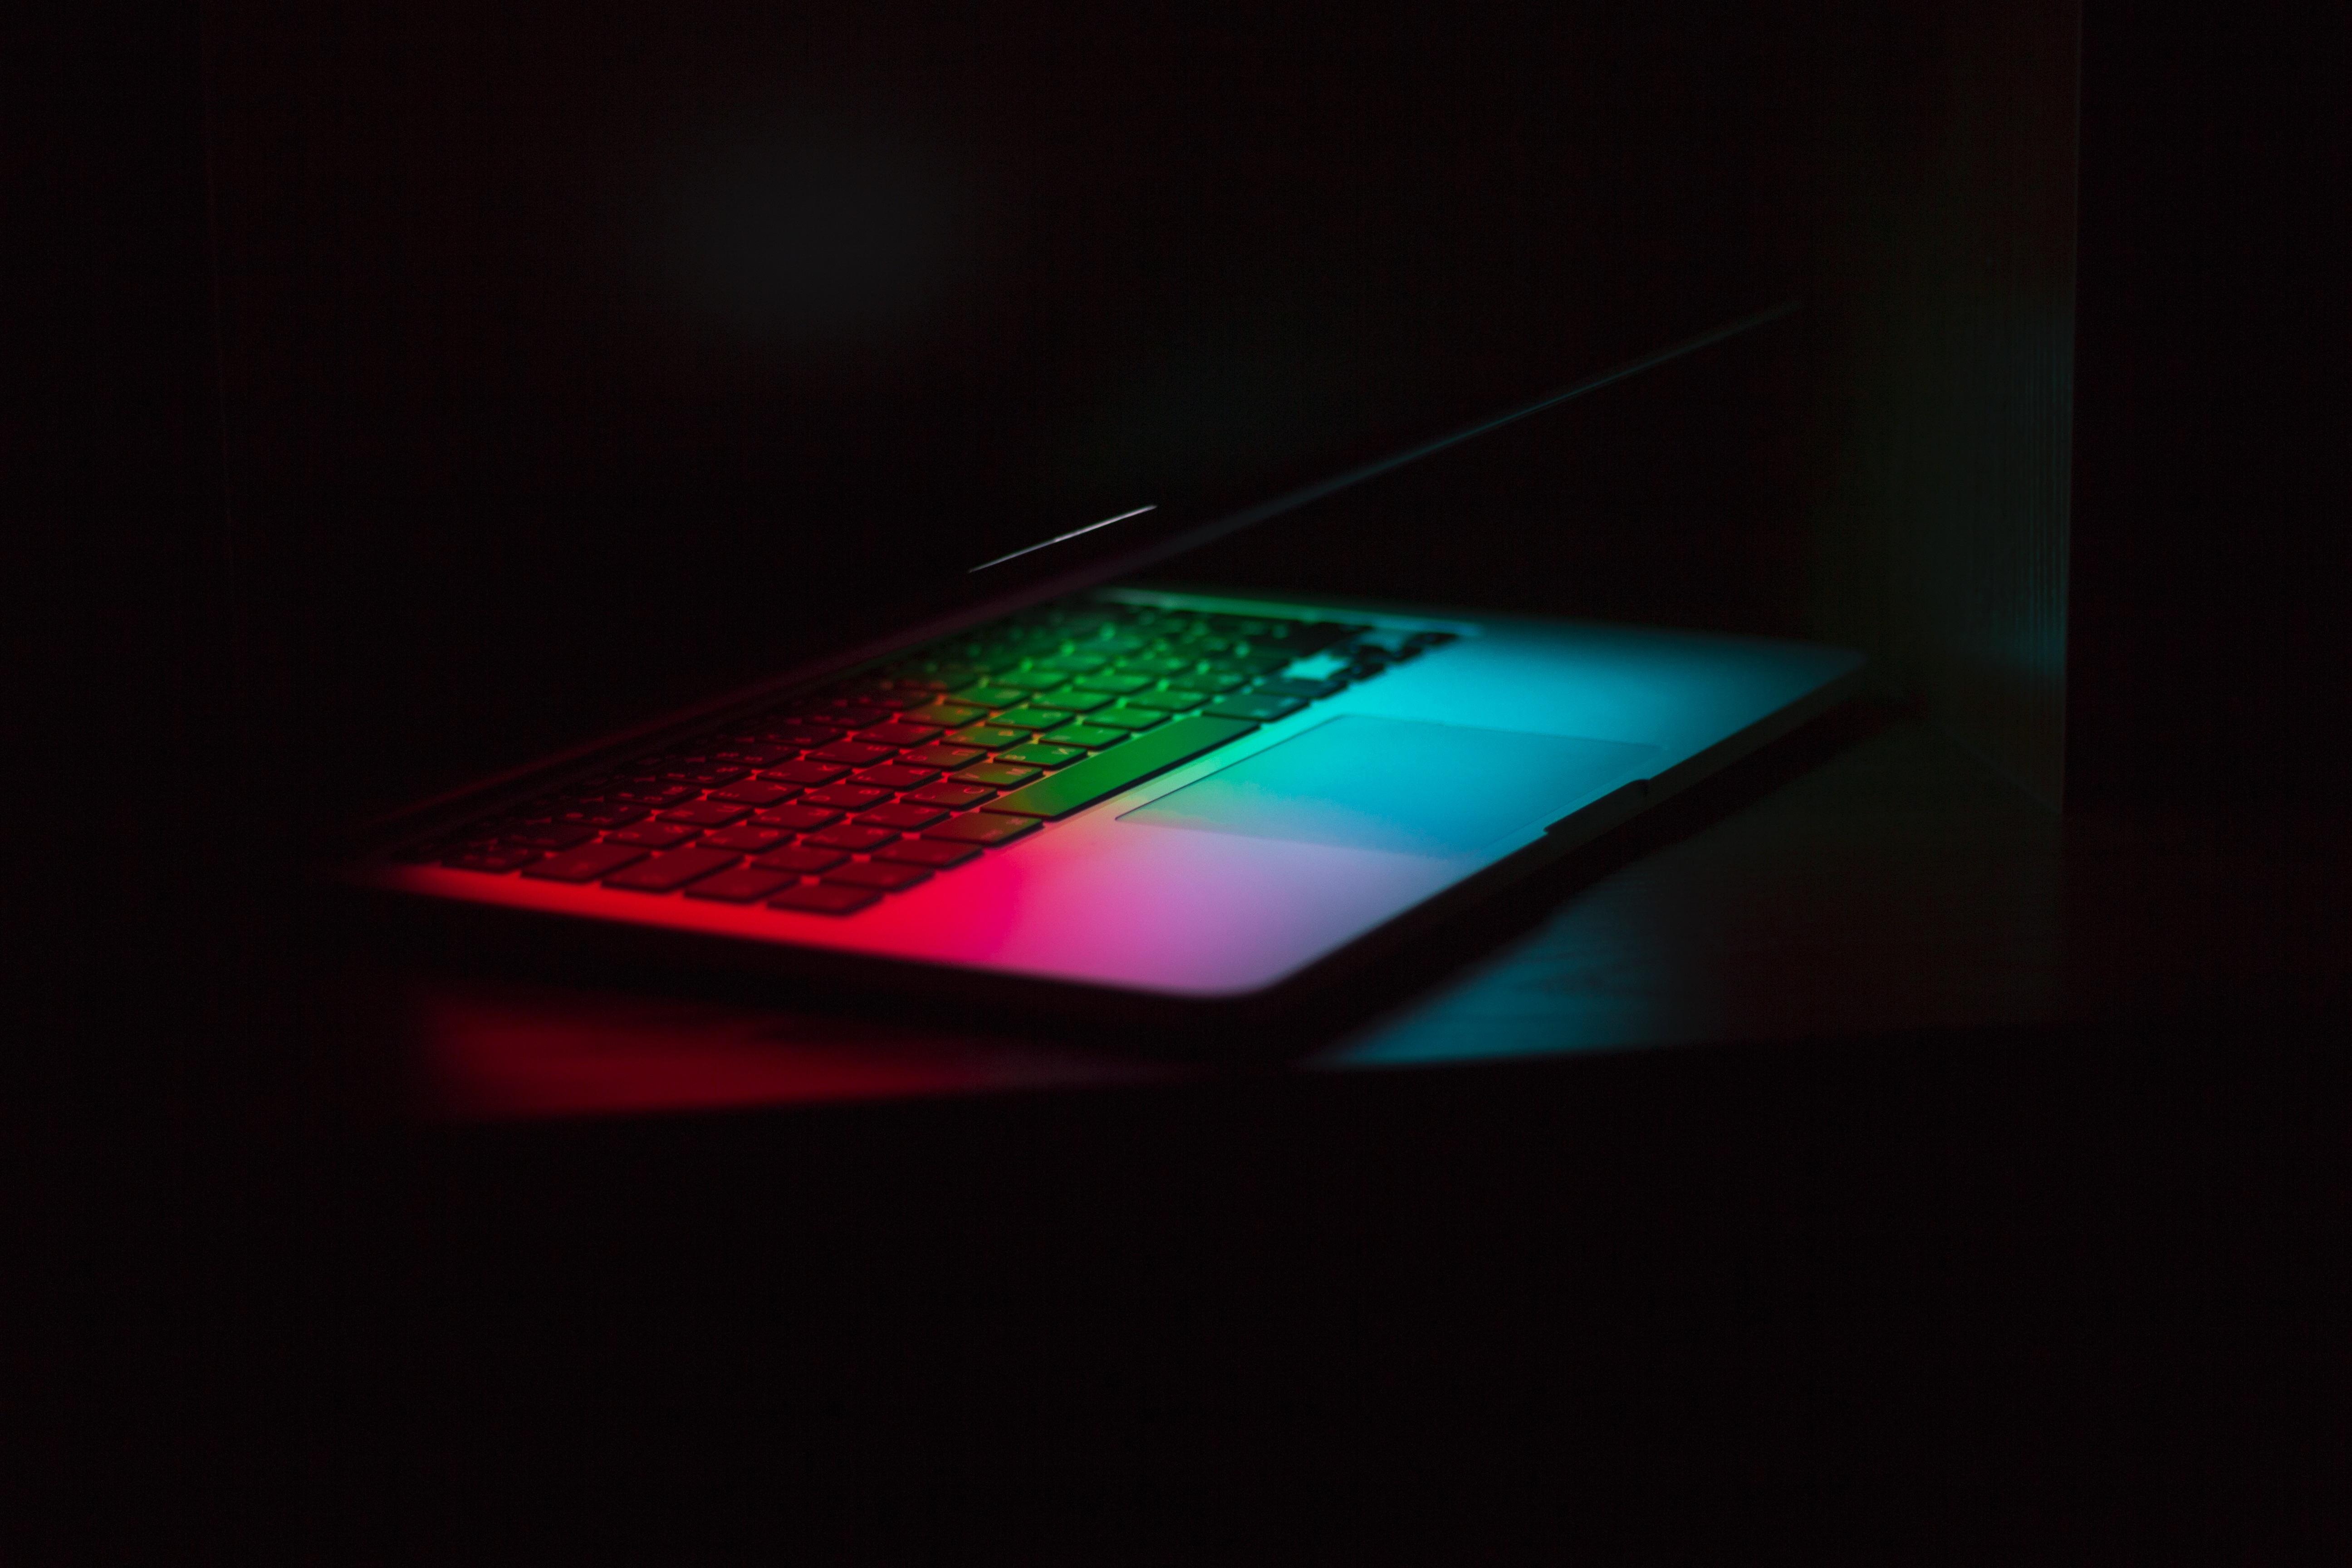 gaming laptop-gallery